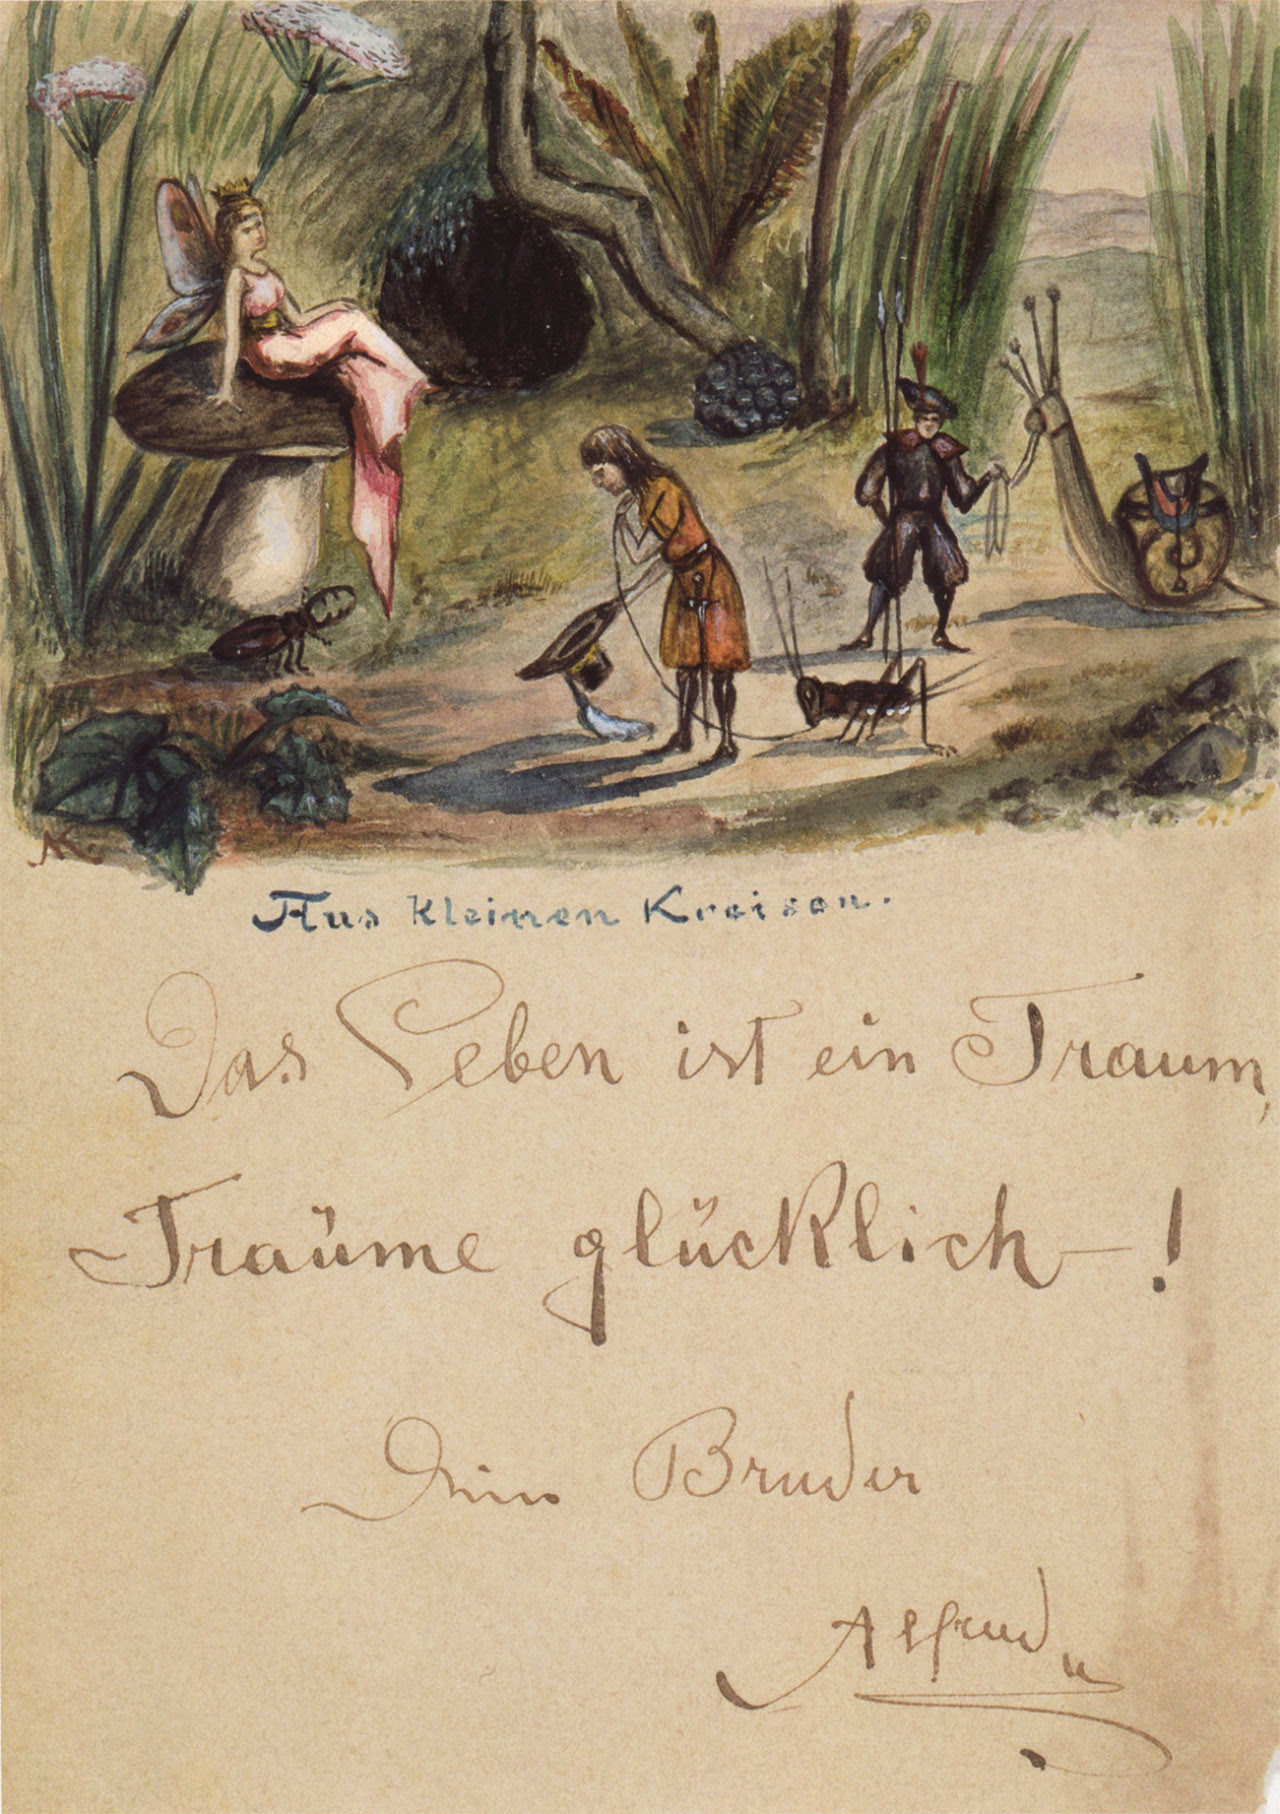 """""""Das Leben ist ein Traum! Träum glücklich! Dein Bruder Alfred""""(Life is a dream! Dream happily! Your brother, Alfred) Alfred Kubin c. 1897"""